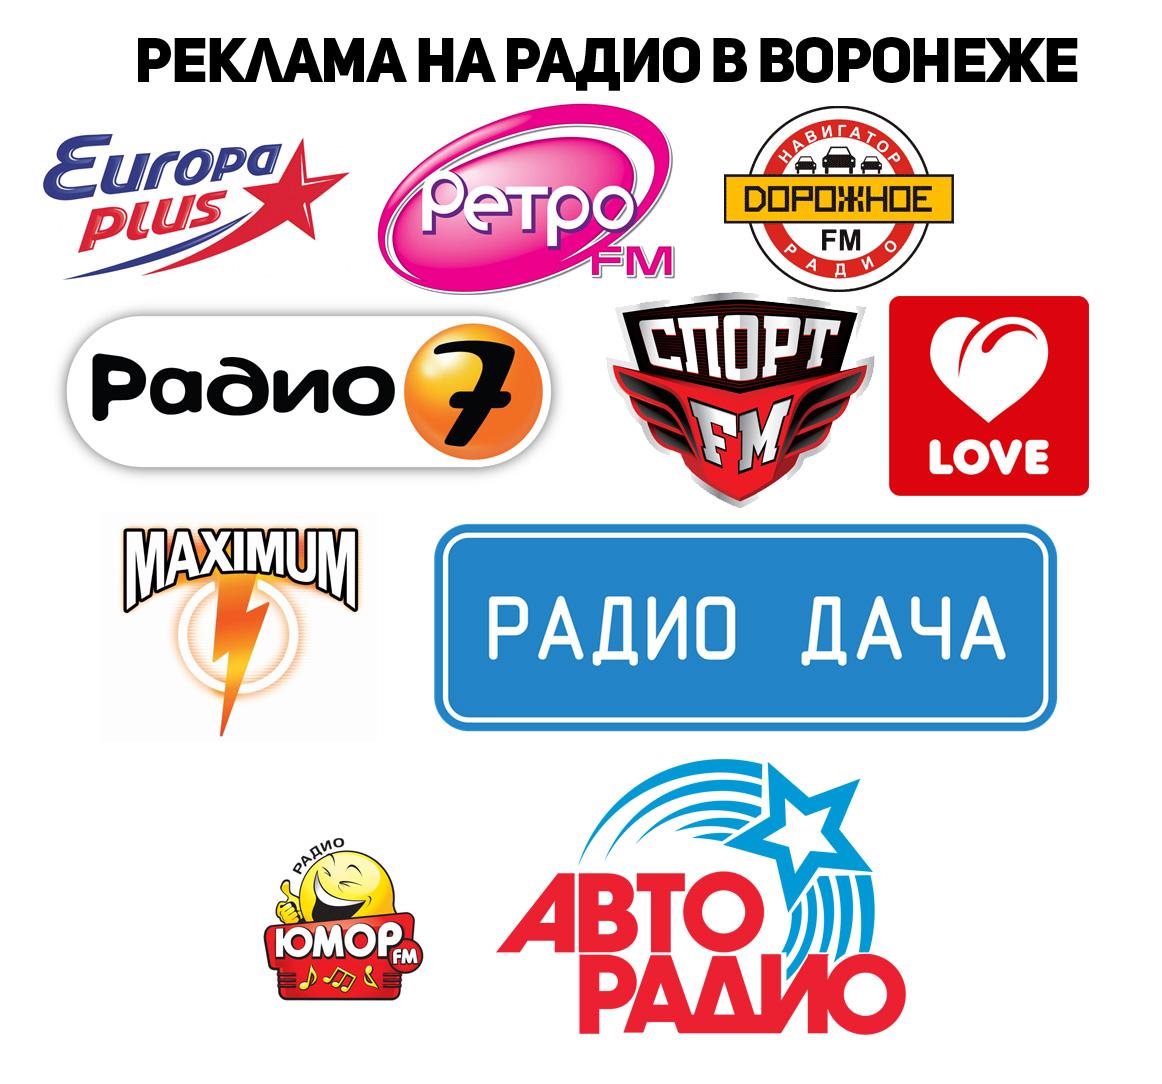 реклама на радио воронеж